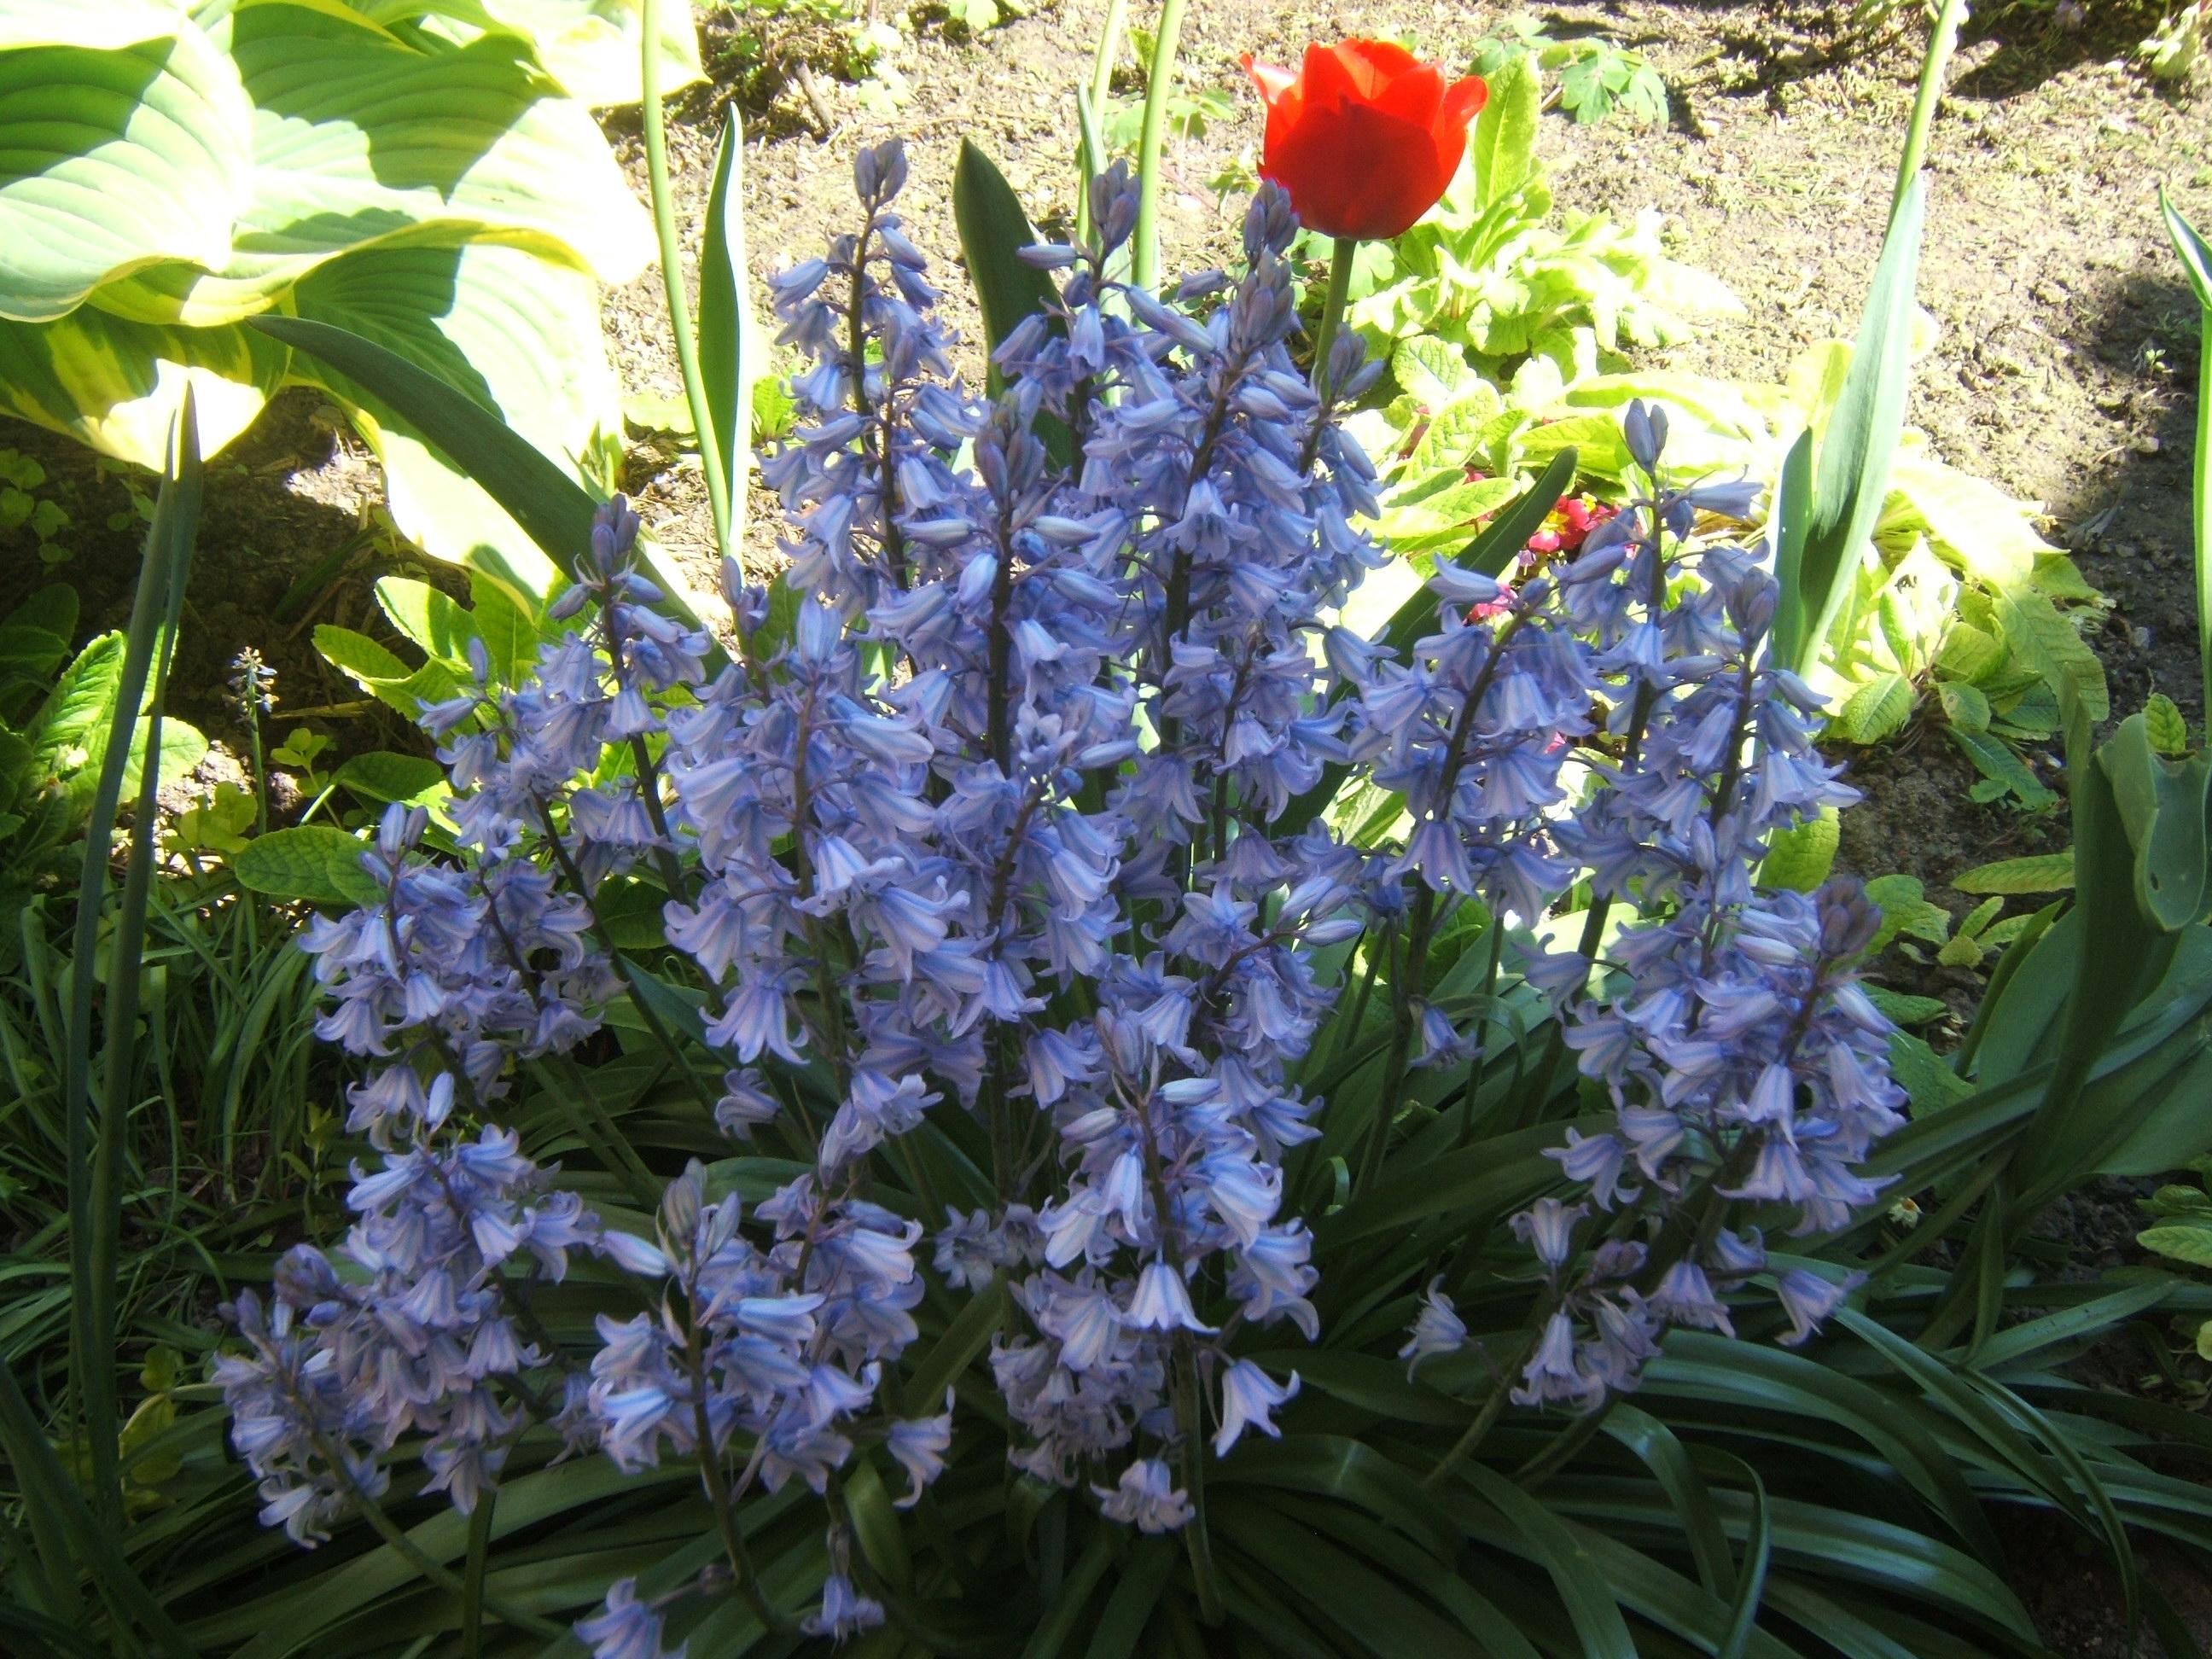 Muguet bleu avril 2009 printemps fleurs jardin fleurs for Fleurs jardin printemps